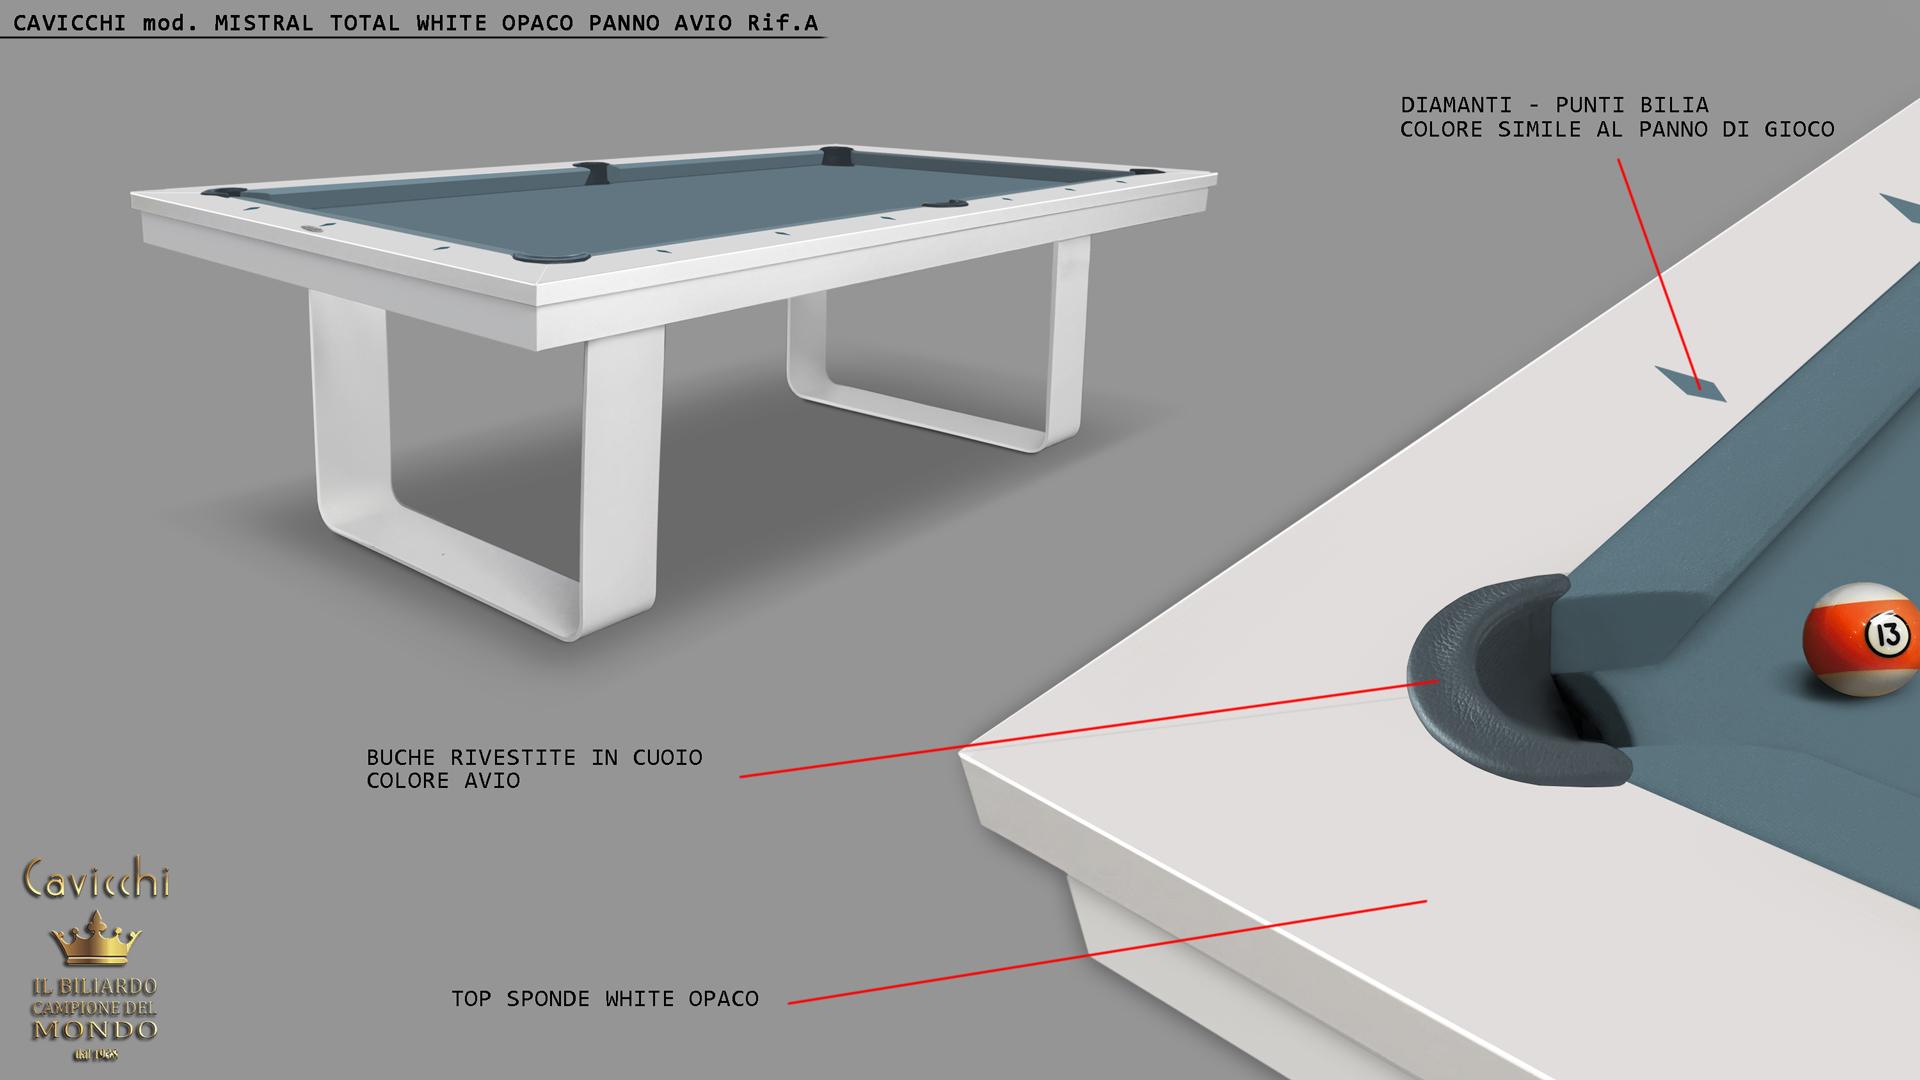 Бильярдный стол Cavicchi MISTRAL WHITE 3